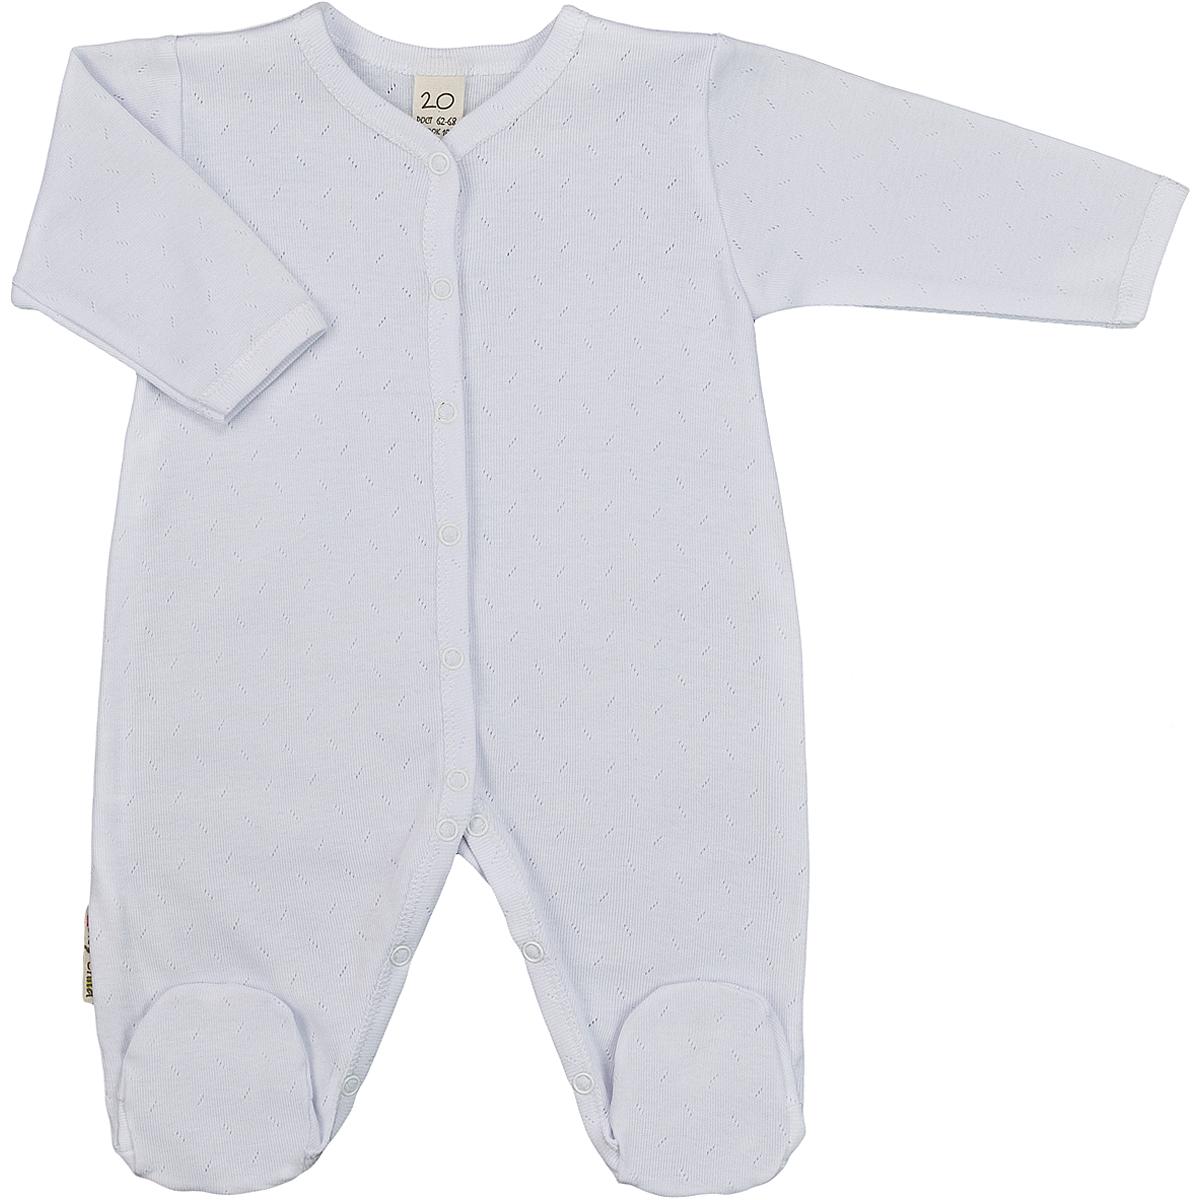 Комбинезон домашний Lucky Child, белый 50/56 размер2000000878133Детский комбинезон Lucky Child - очень удобный и практичный вид одежды для малышей. Комбинезон выполнен из натурального хлопка, благодаря чему он необычайно мягкий и приятный на ощупь, не раздражают нежную кожу ребенка и хорошо вентилируются, а эластичные швы приятны телу малыша и не препятствуют его движениям. Комбинезон с длинными рукавами и закрытыми ножками имеет застежки-кнопки от горловины до щиколоток, которые помогают легко переодеть младенца или сменить подгузник. Модель выполнена из ткани с ажурным узором. С детским комбинезоном Lucky Child спинка и ножки вашего малыша всегда будут в тепле, он идеален для использования днем и незаменим ночью. Комбинезон полностью соответствует особенностям жизни младенца в ранний период, не стесняя и не ограничивая его в движениях!